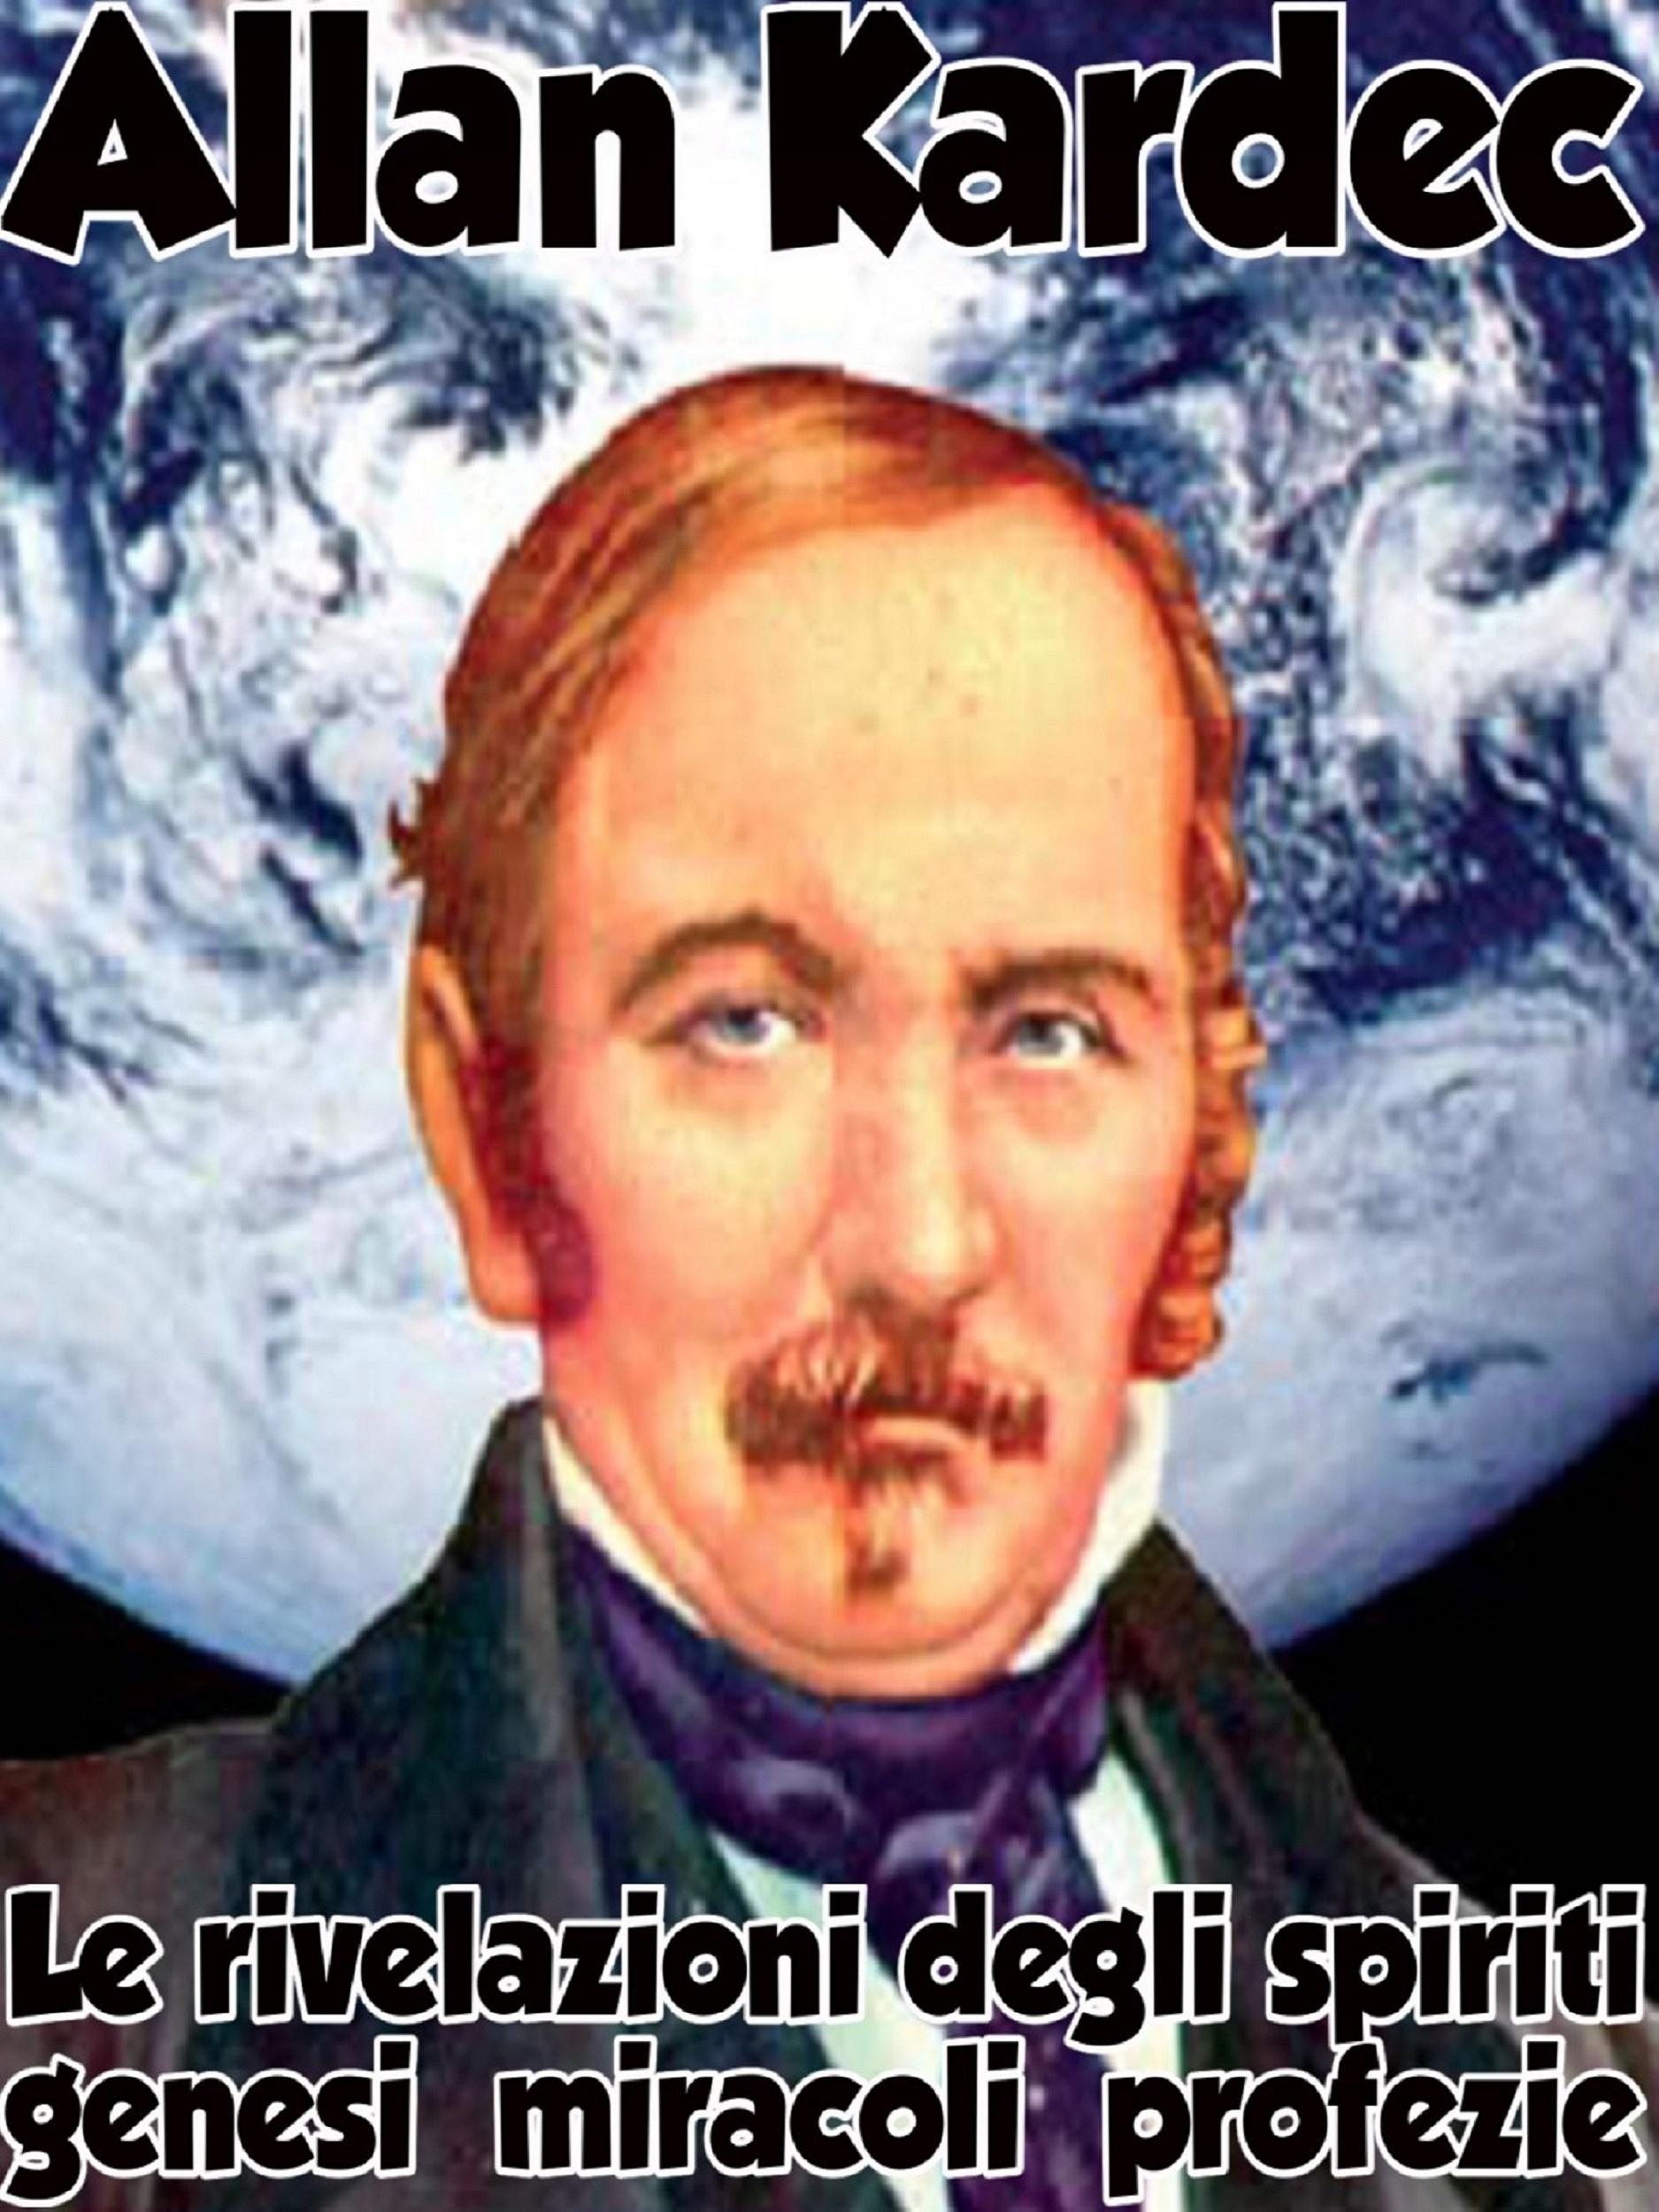 Le rivelazioni degli spiriti - Genesi, miracoli, profezie